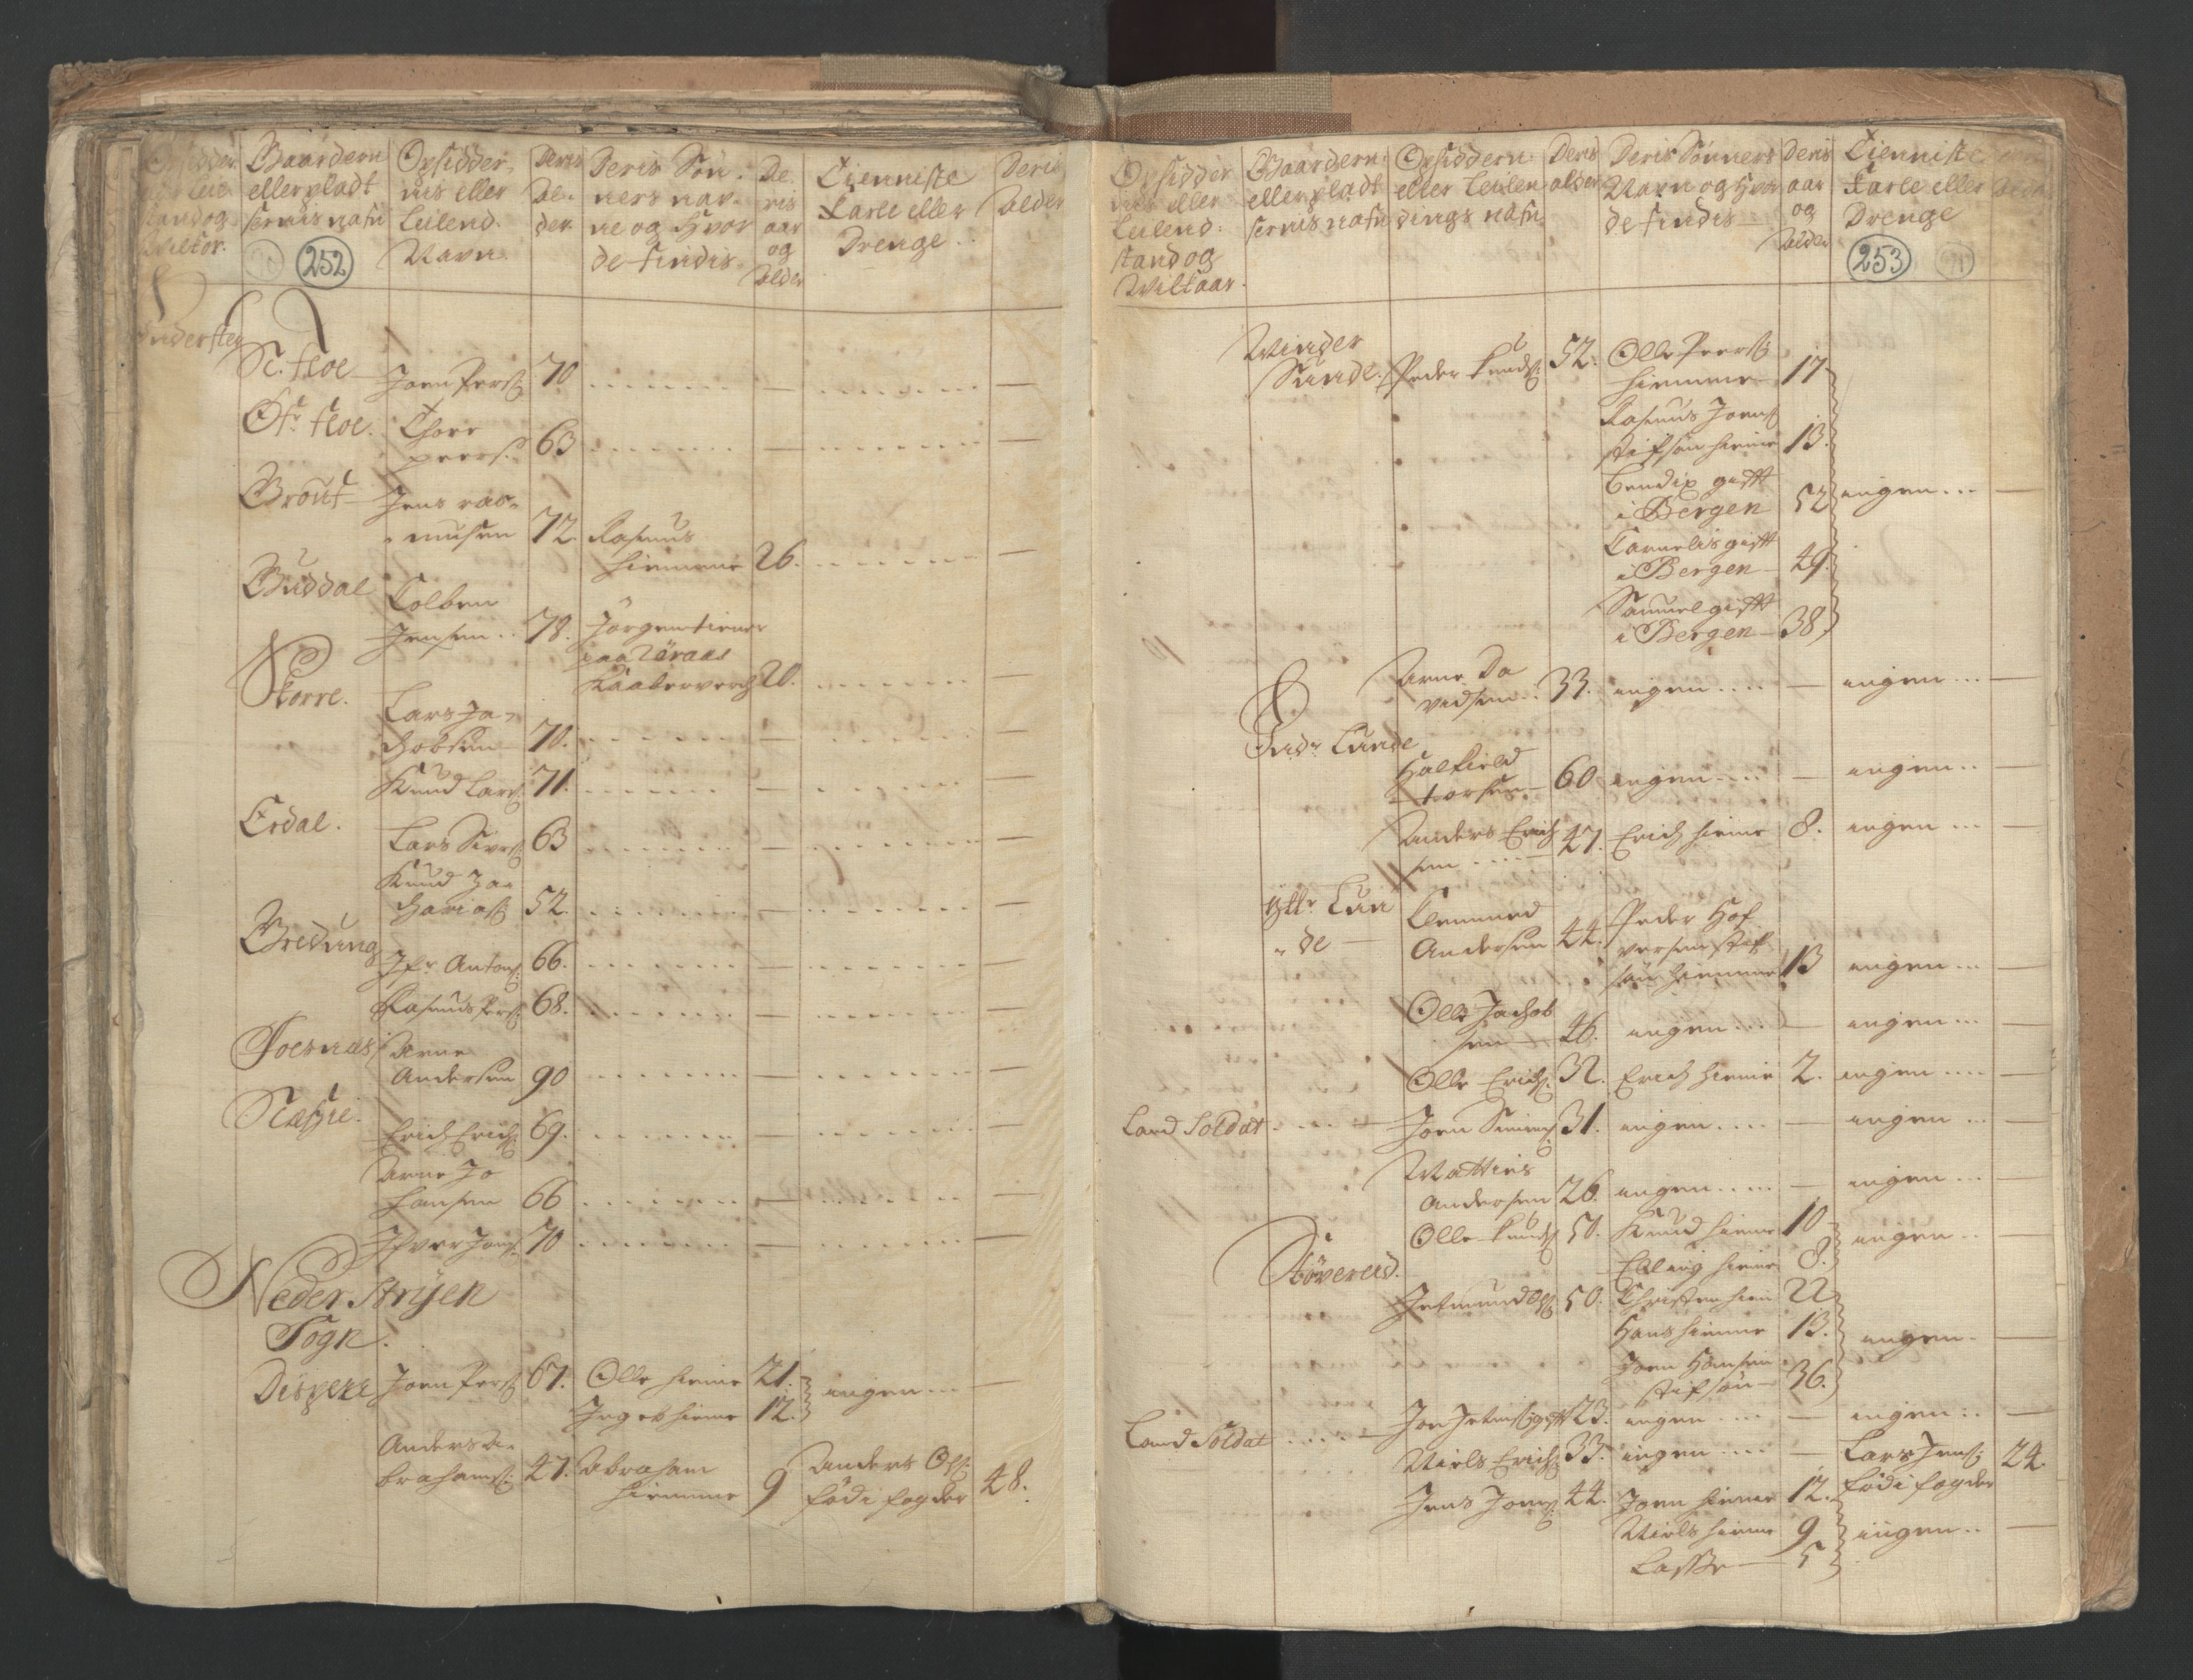 RA, Manntallet 1701, nr. 9: Sunnfjord fogderi, Nordfjord fogderi og Svanø birk, 1701, s. 252-253